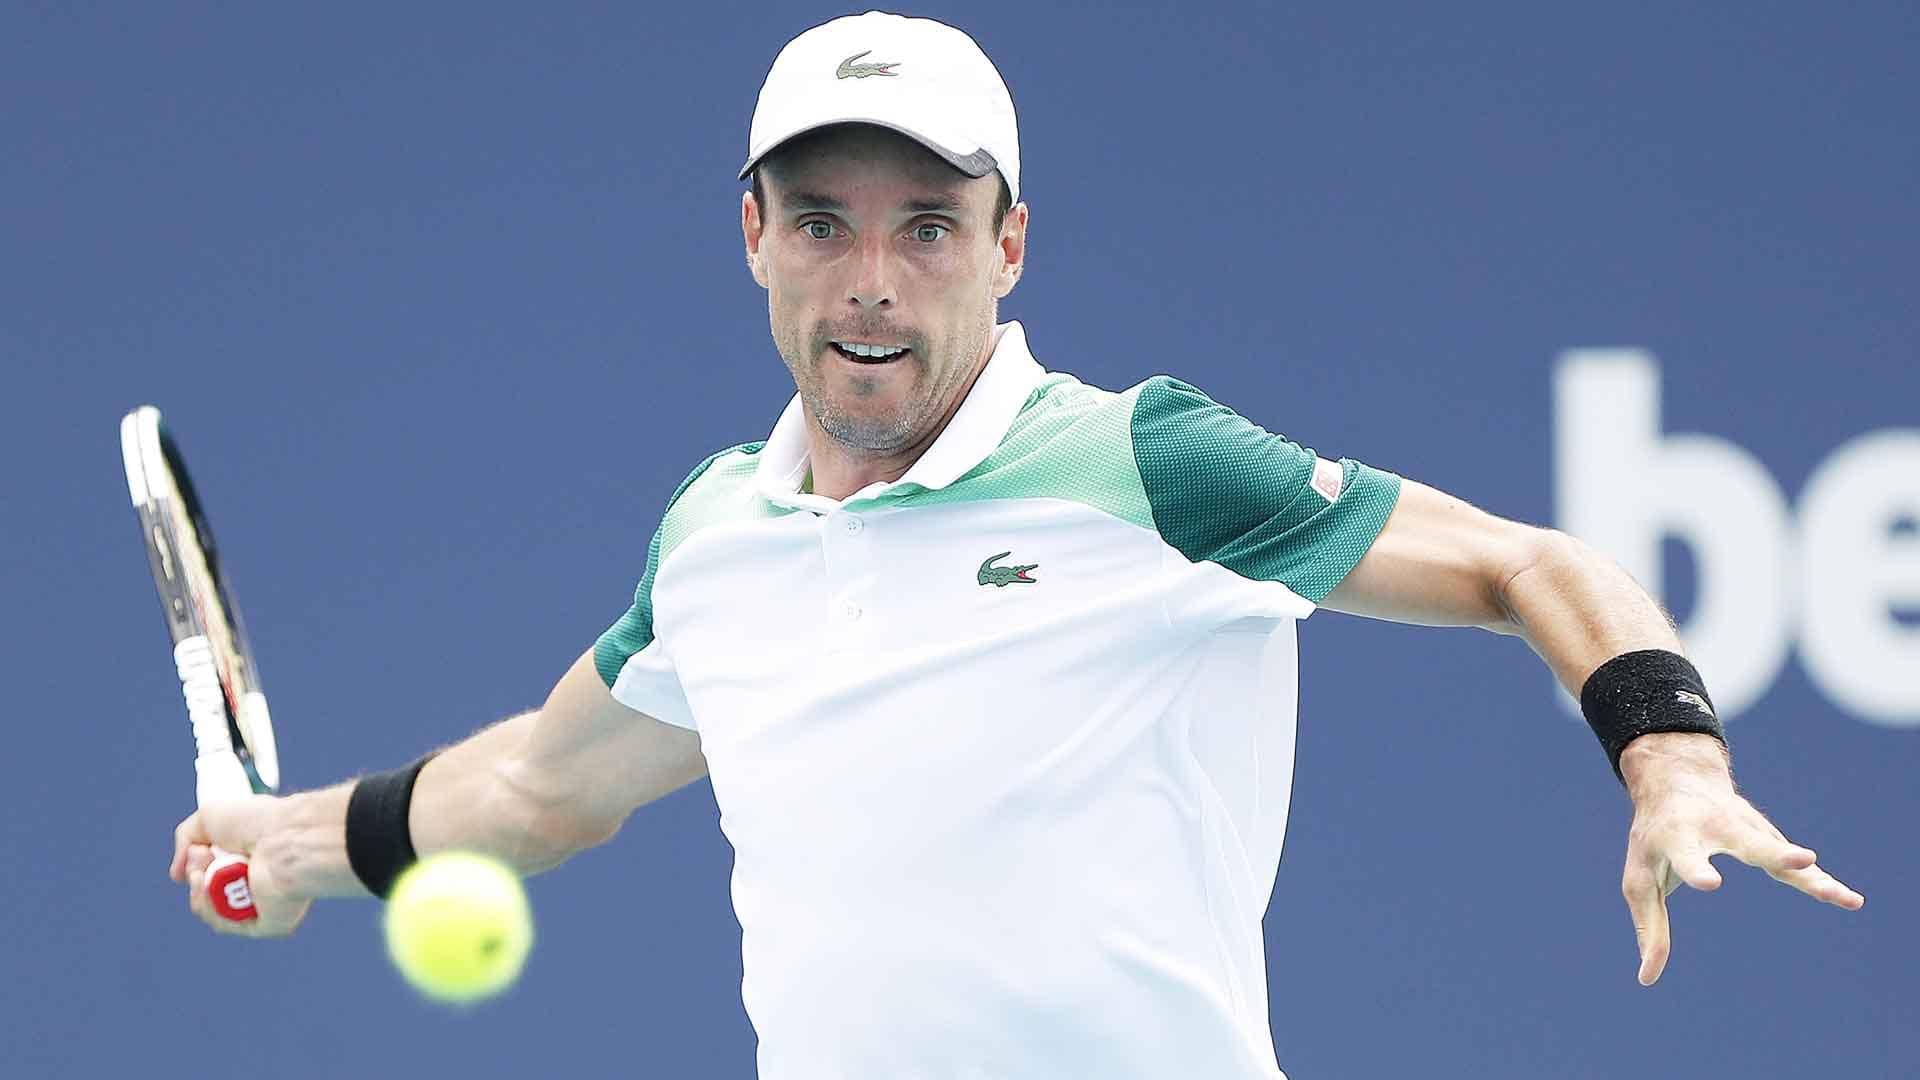 Madrid Open 2021: Roberto Bautista Agut vs. Marco Cecchinato Tennis Pick and Prediction